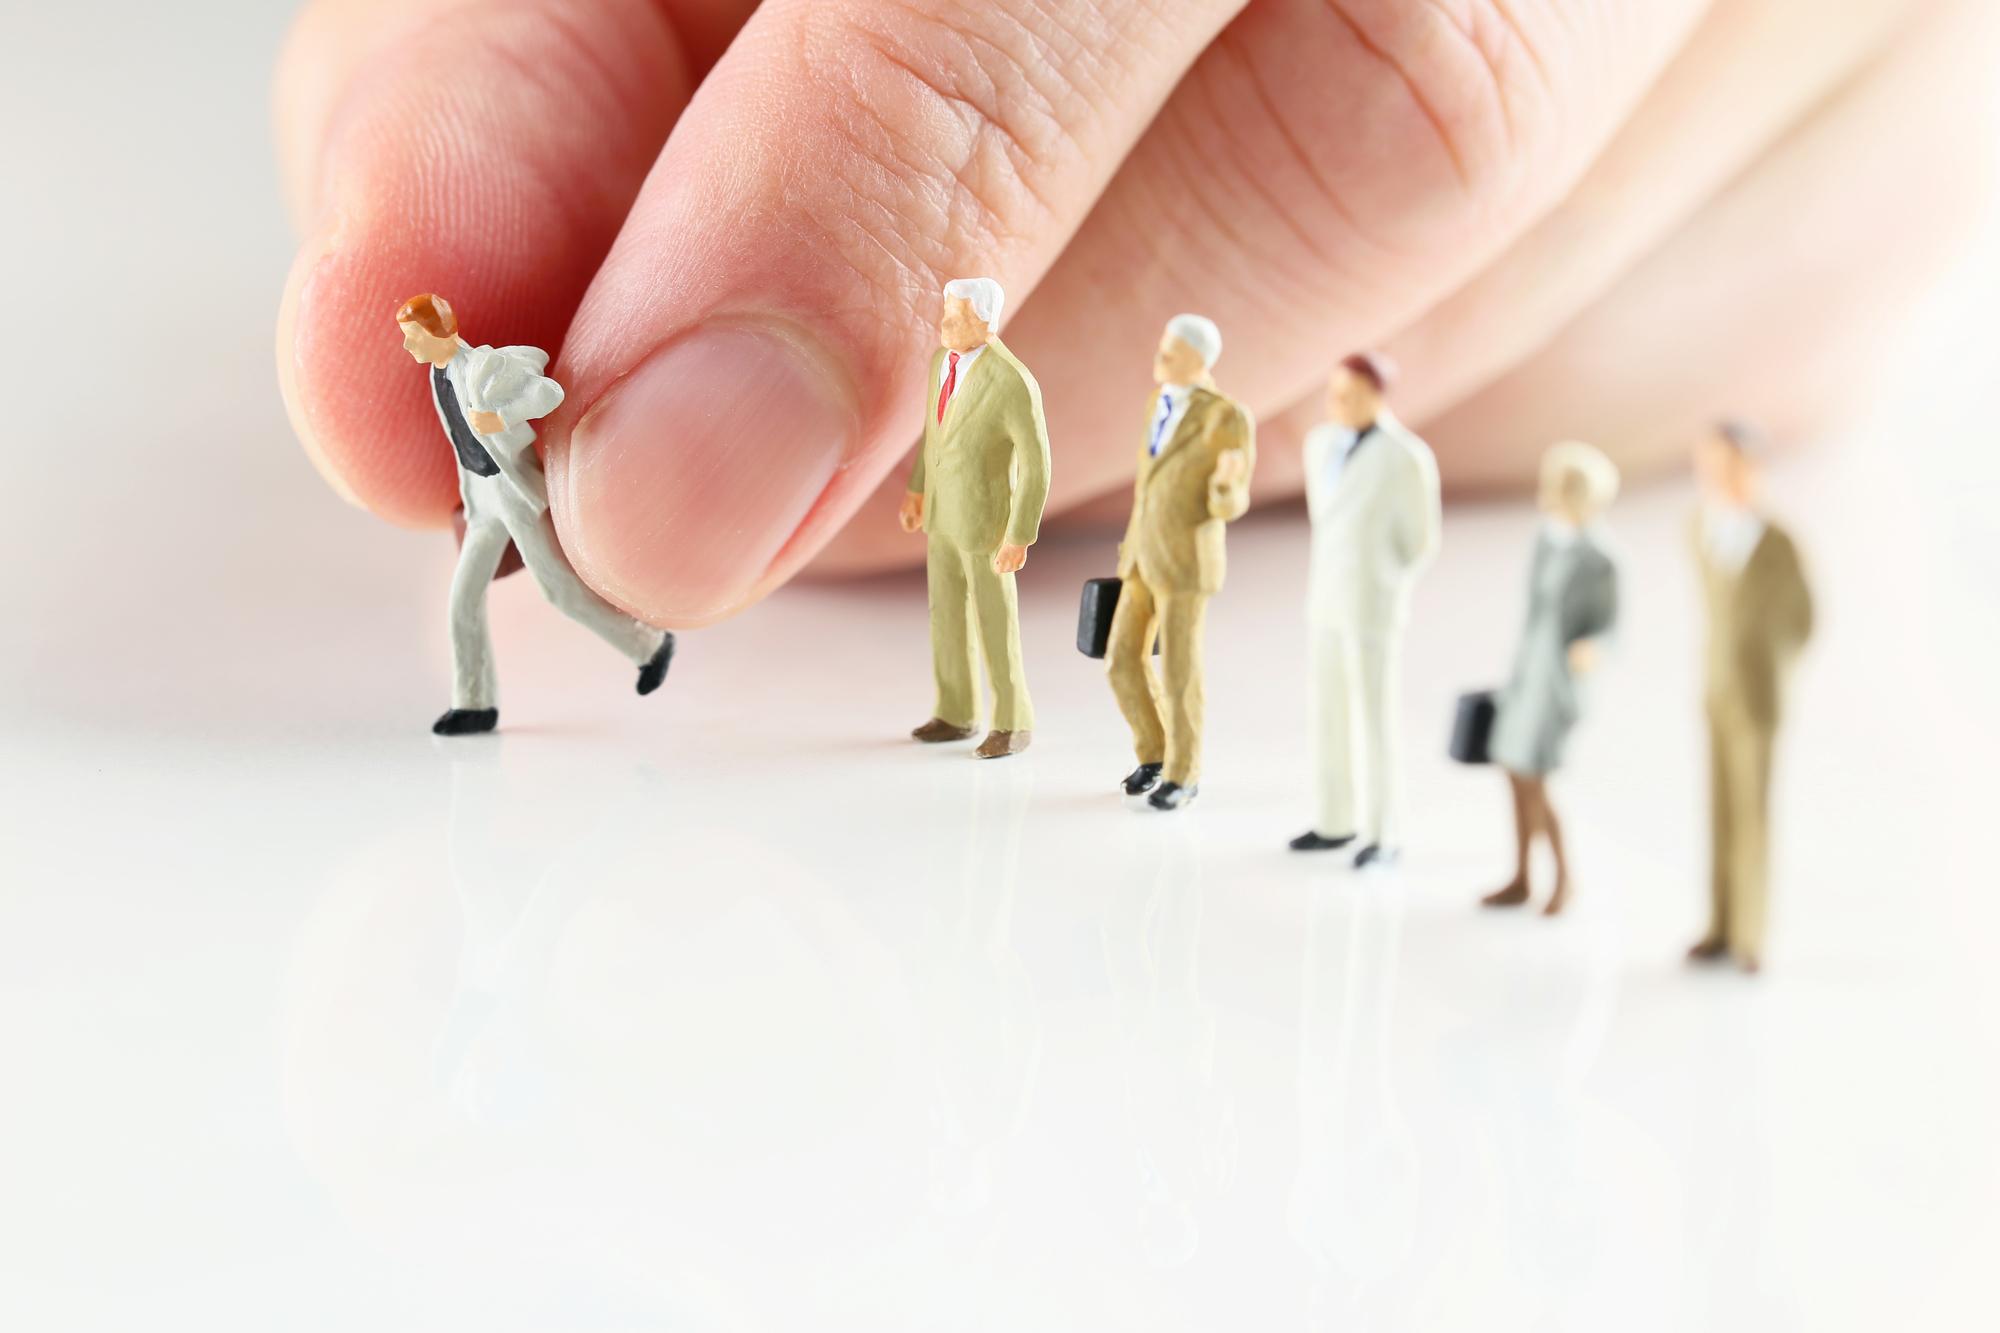 一人で1,500人以上と面談<br>NTTコミュニケーションズ人事マネジャーが語る<br>「ベテラン社員」の心を動かし、行動変化をもたらすためのポイント